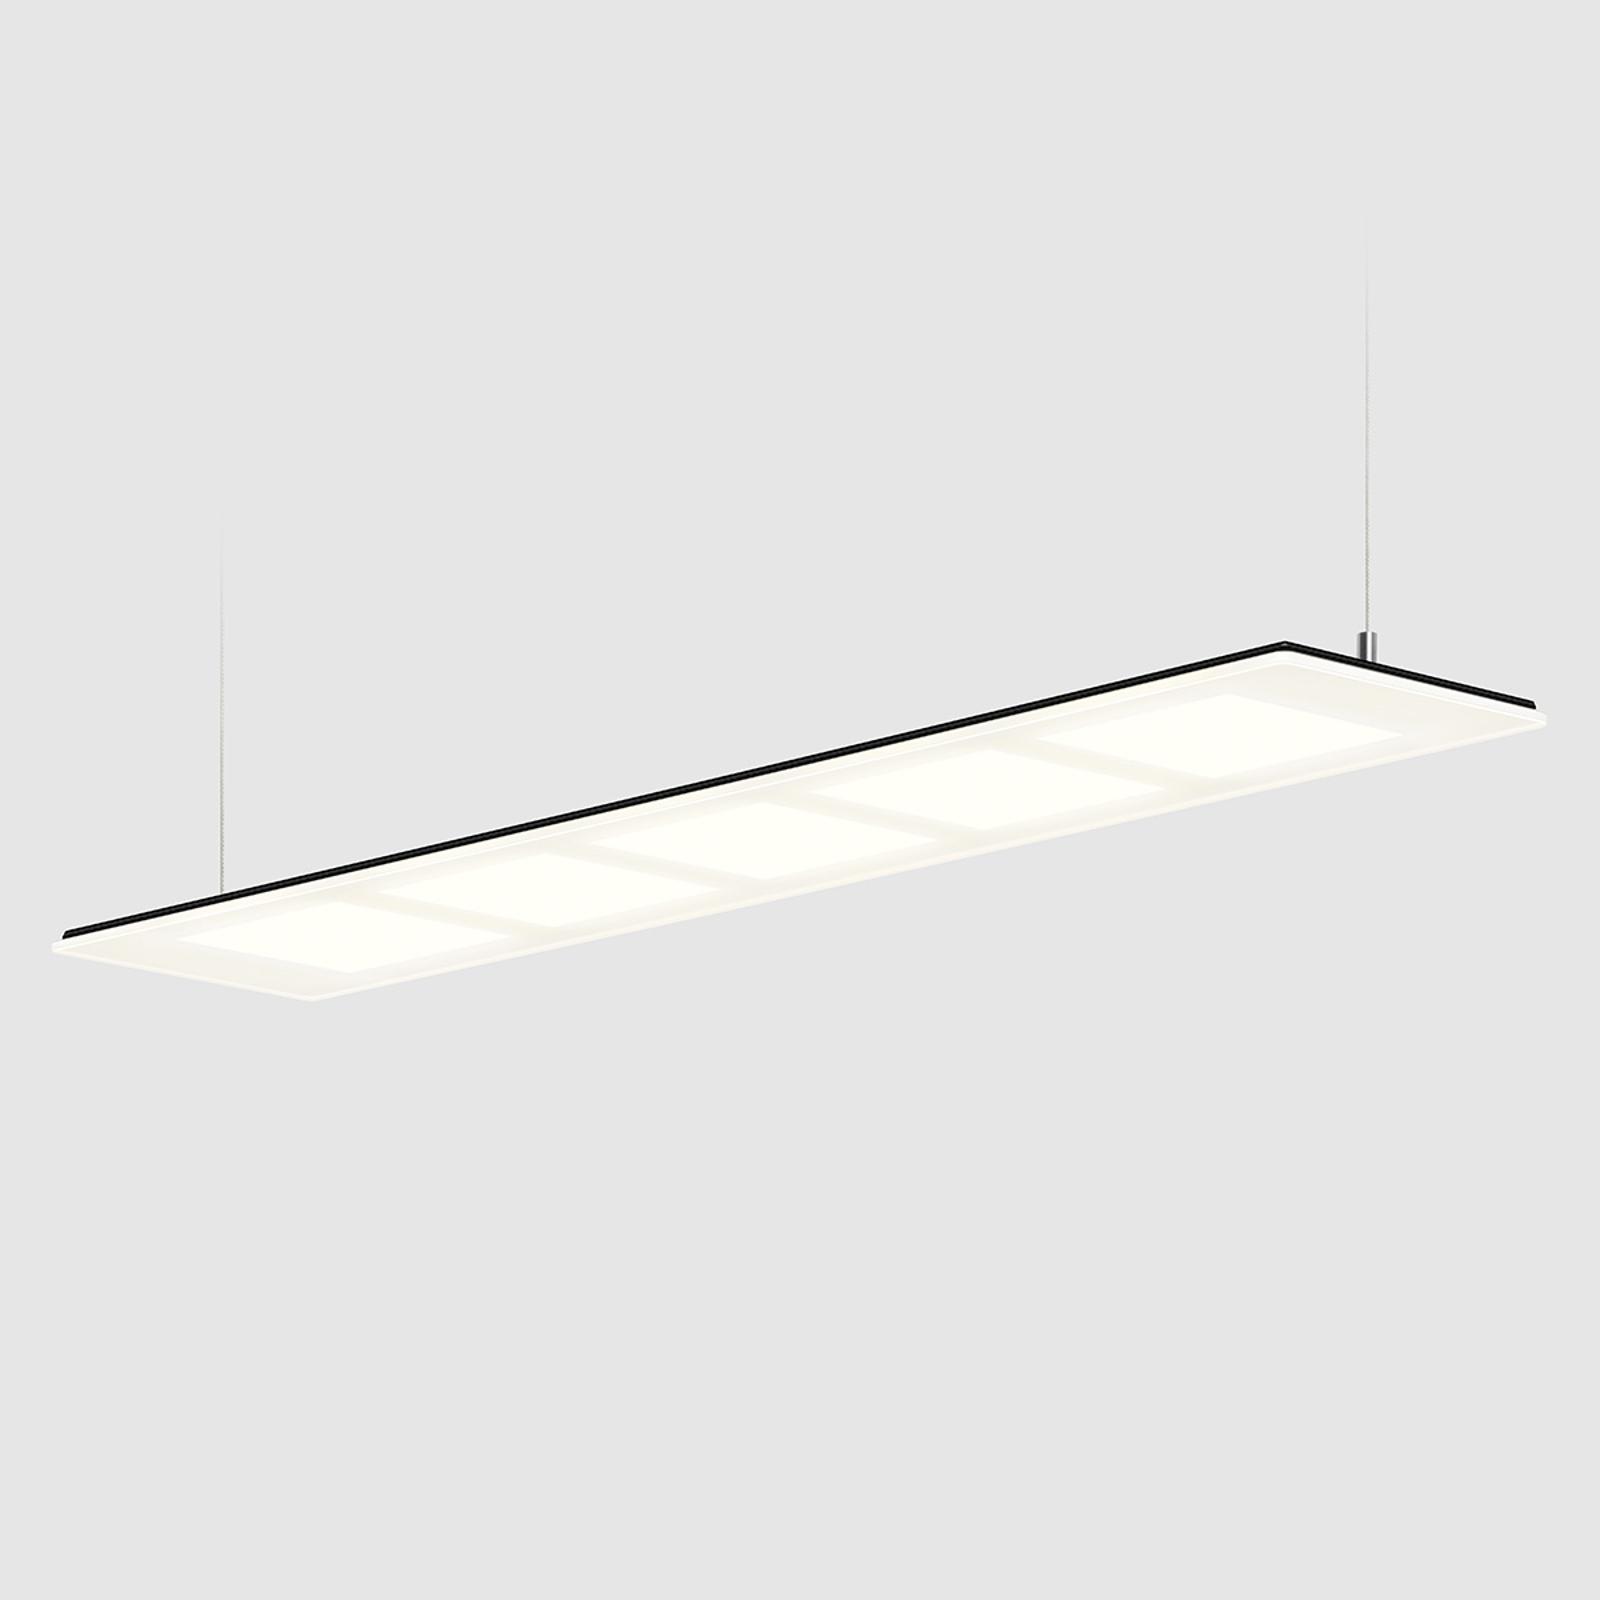 Zwarte OLED hanglamp OMLED One s5